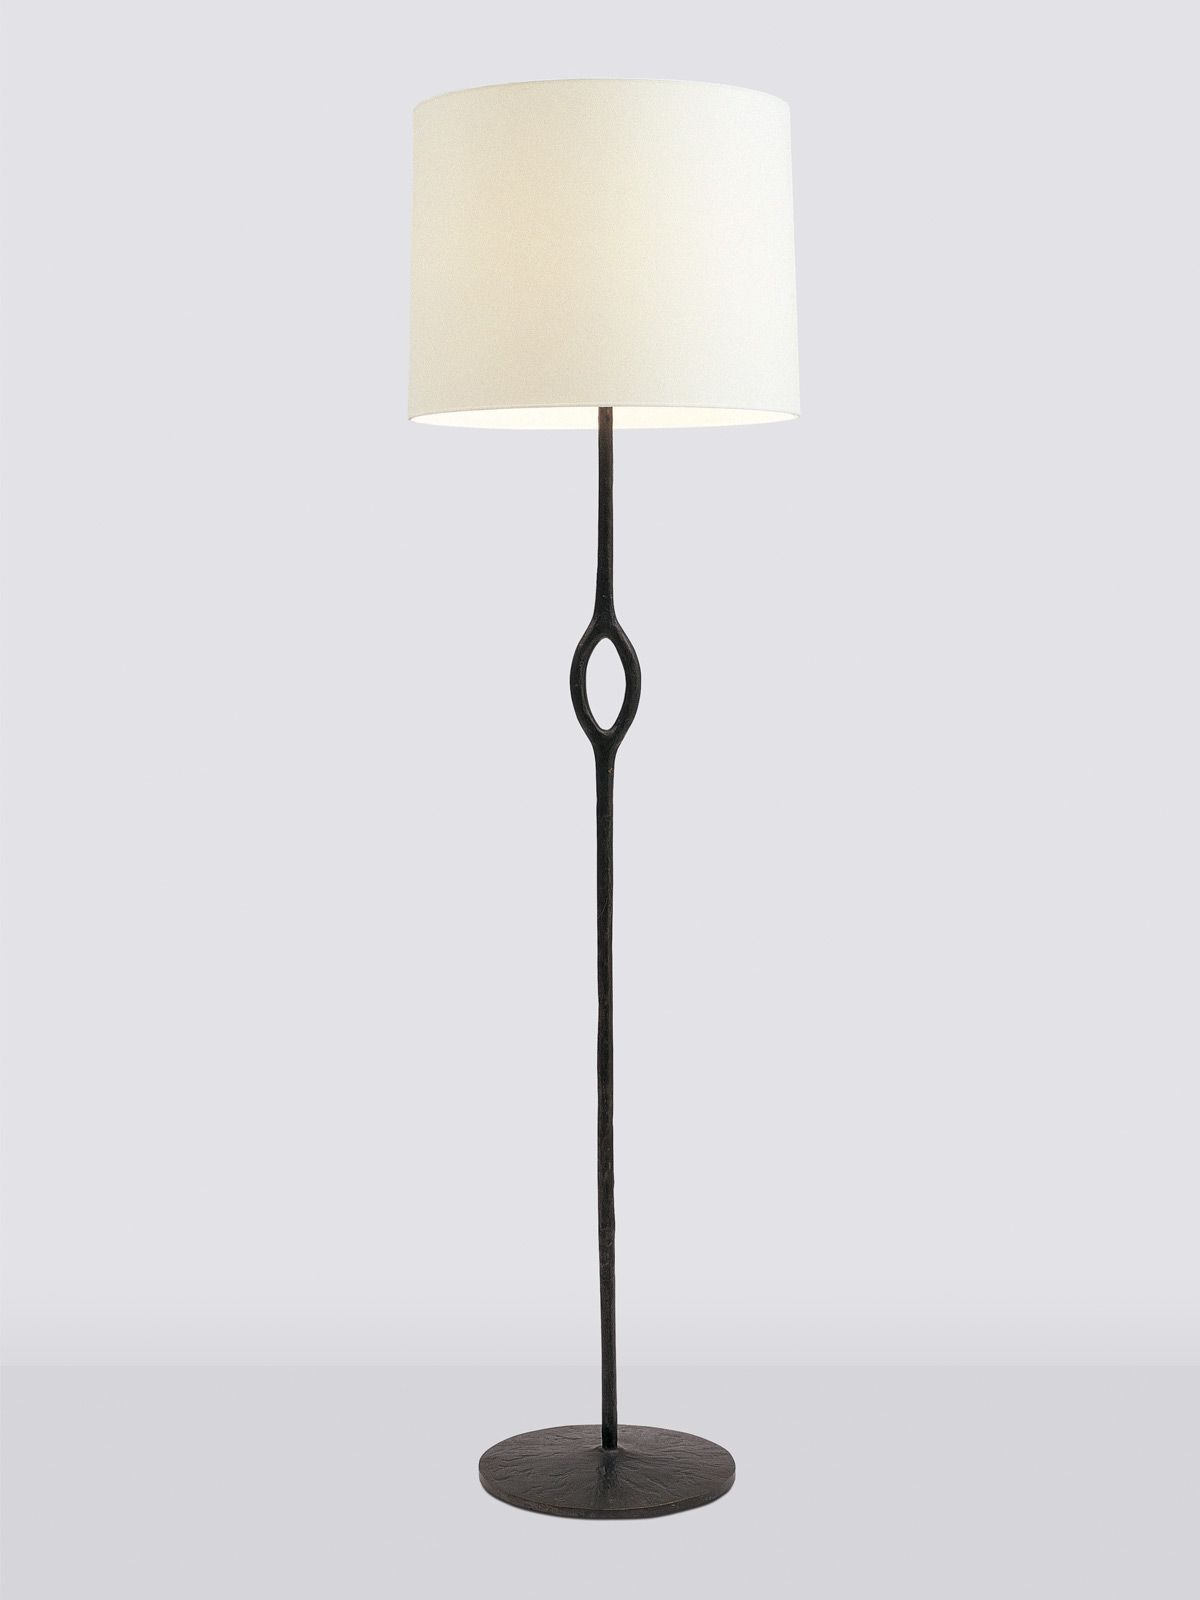 Christian Liaigre Amande Floor Lamp De Sousa Hughes